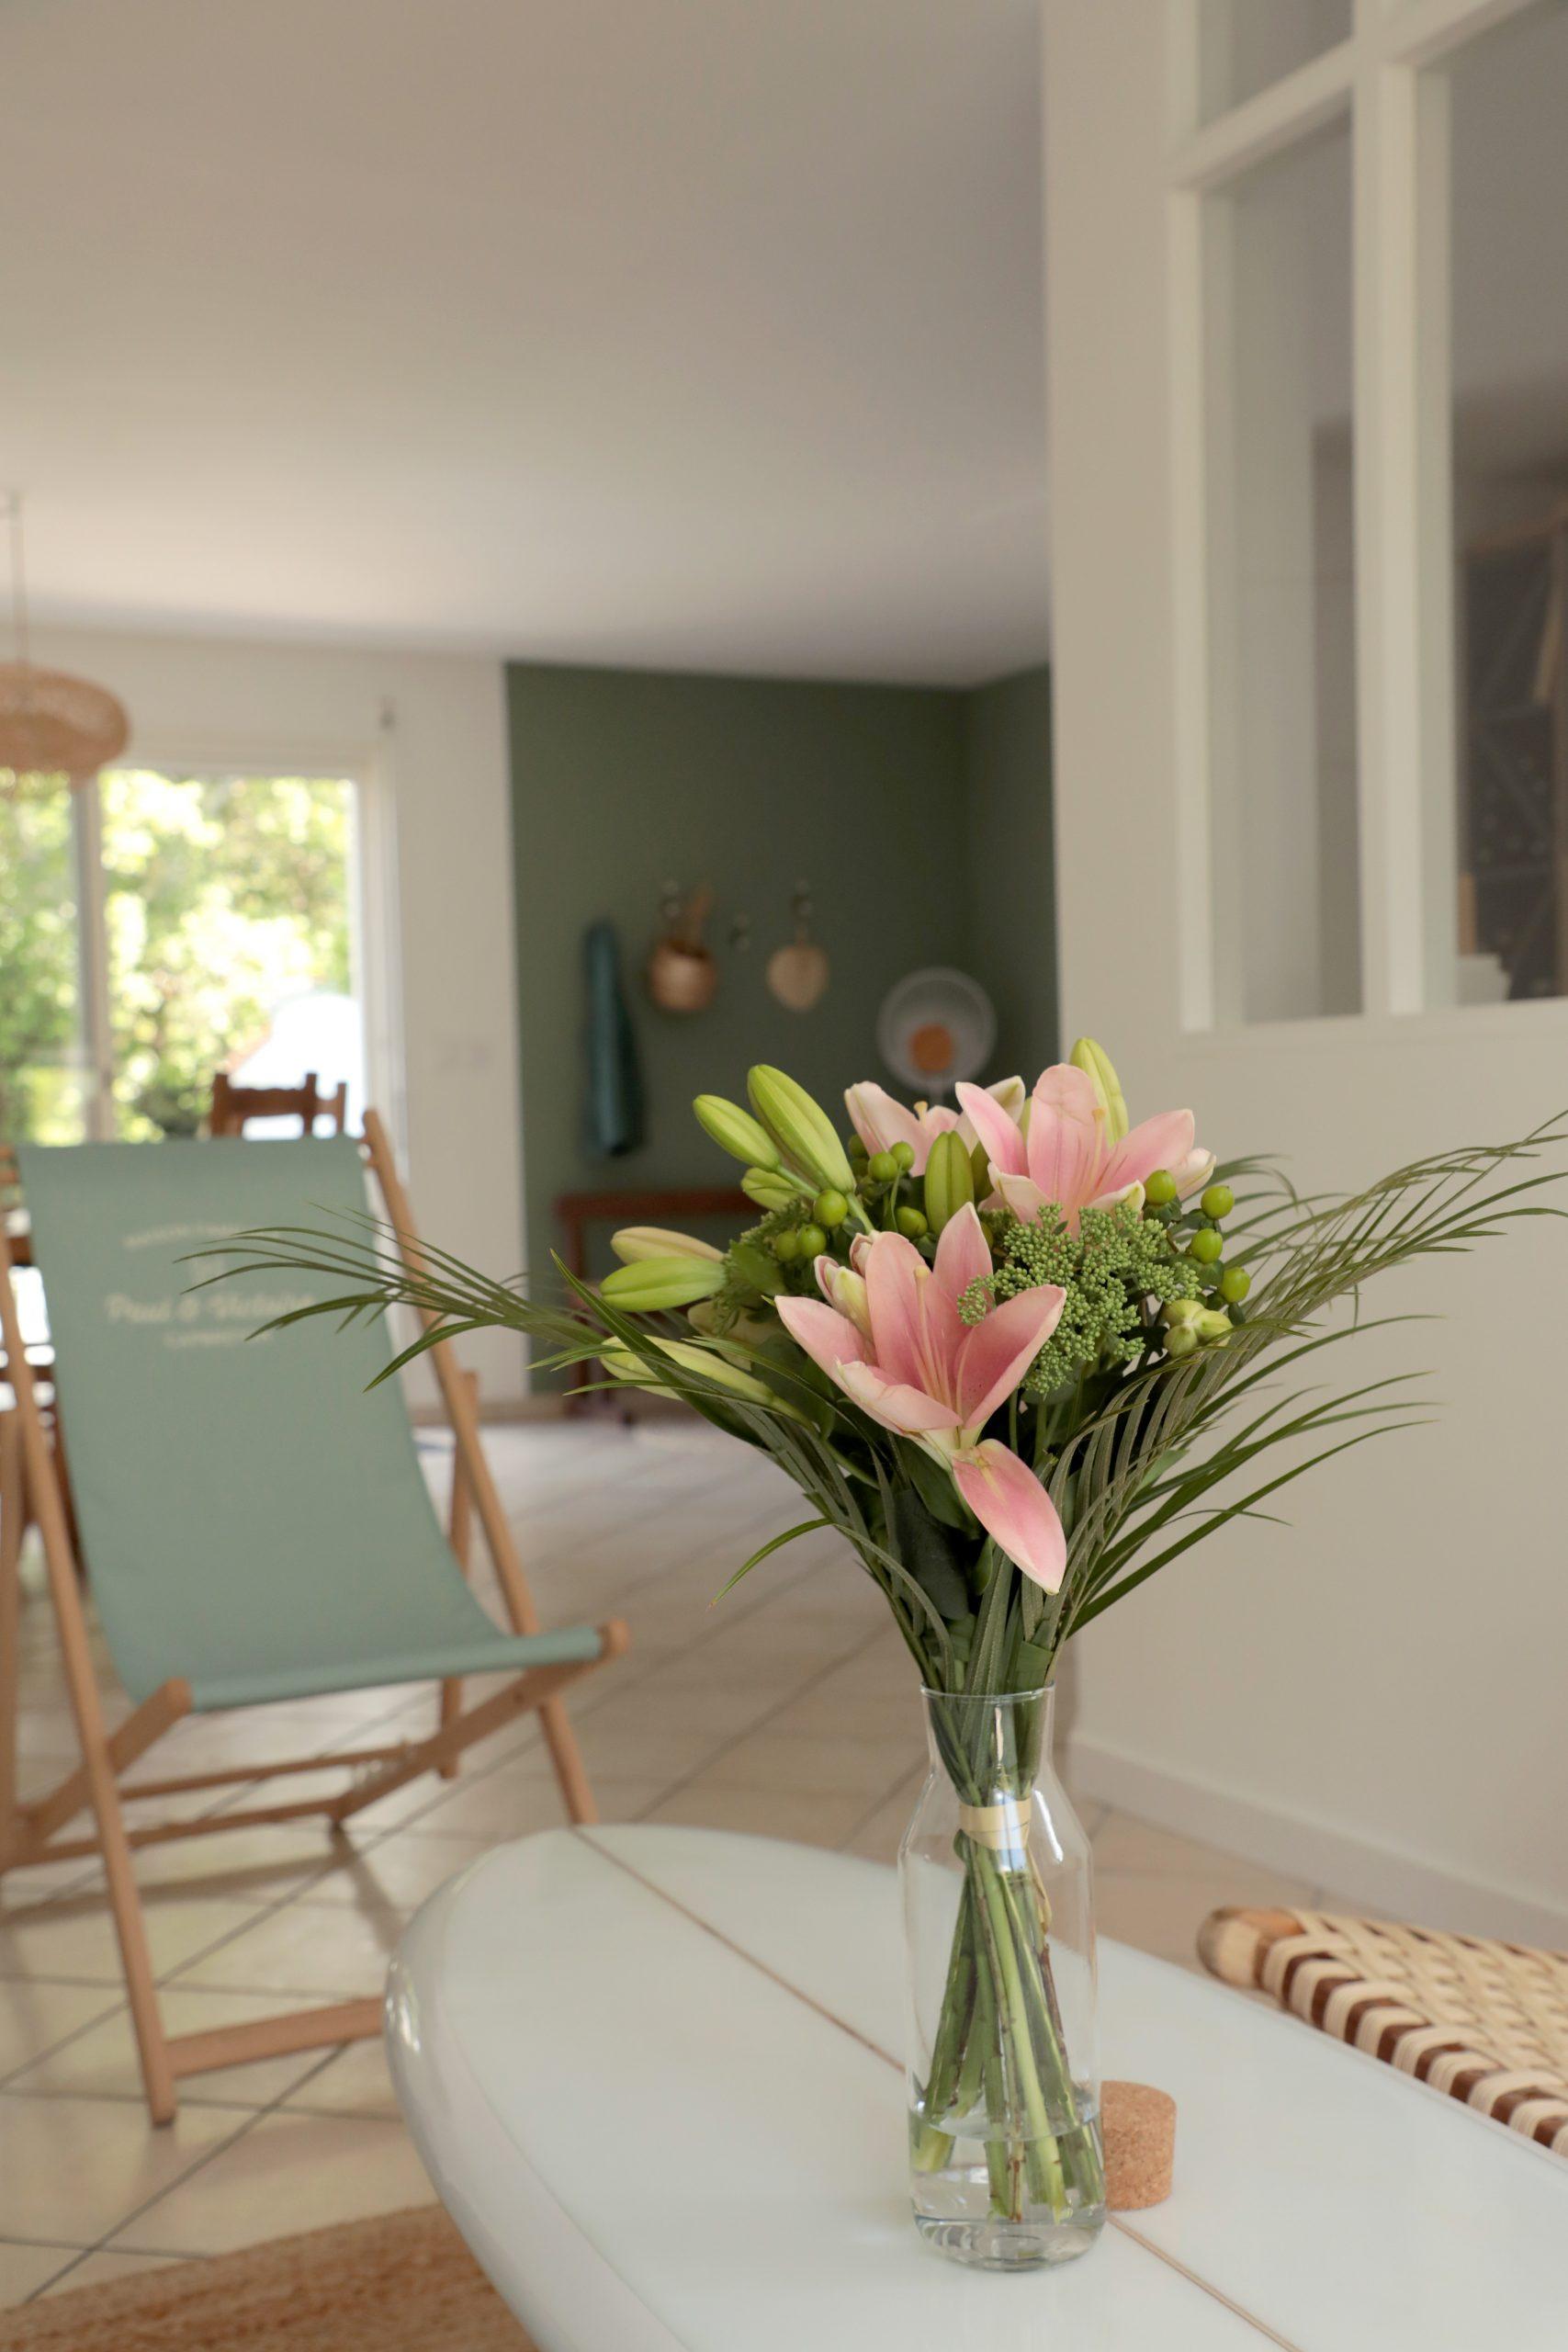 Salon décoration nature bohème maison de campagne